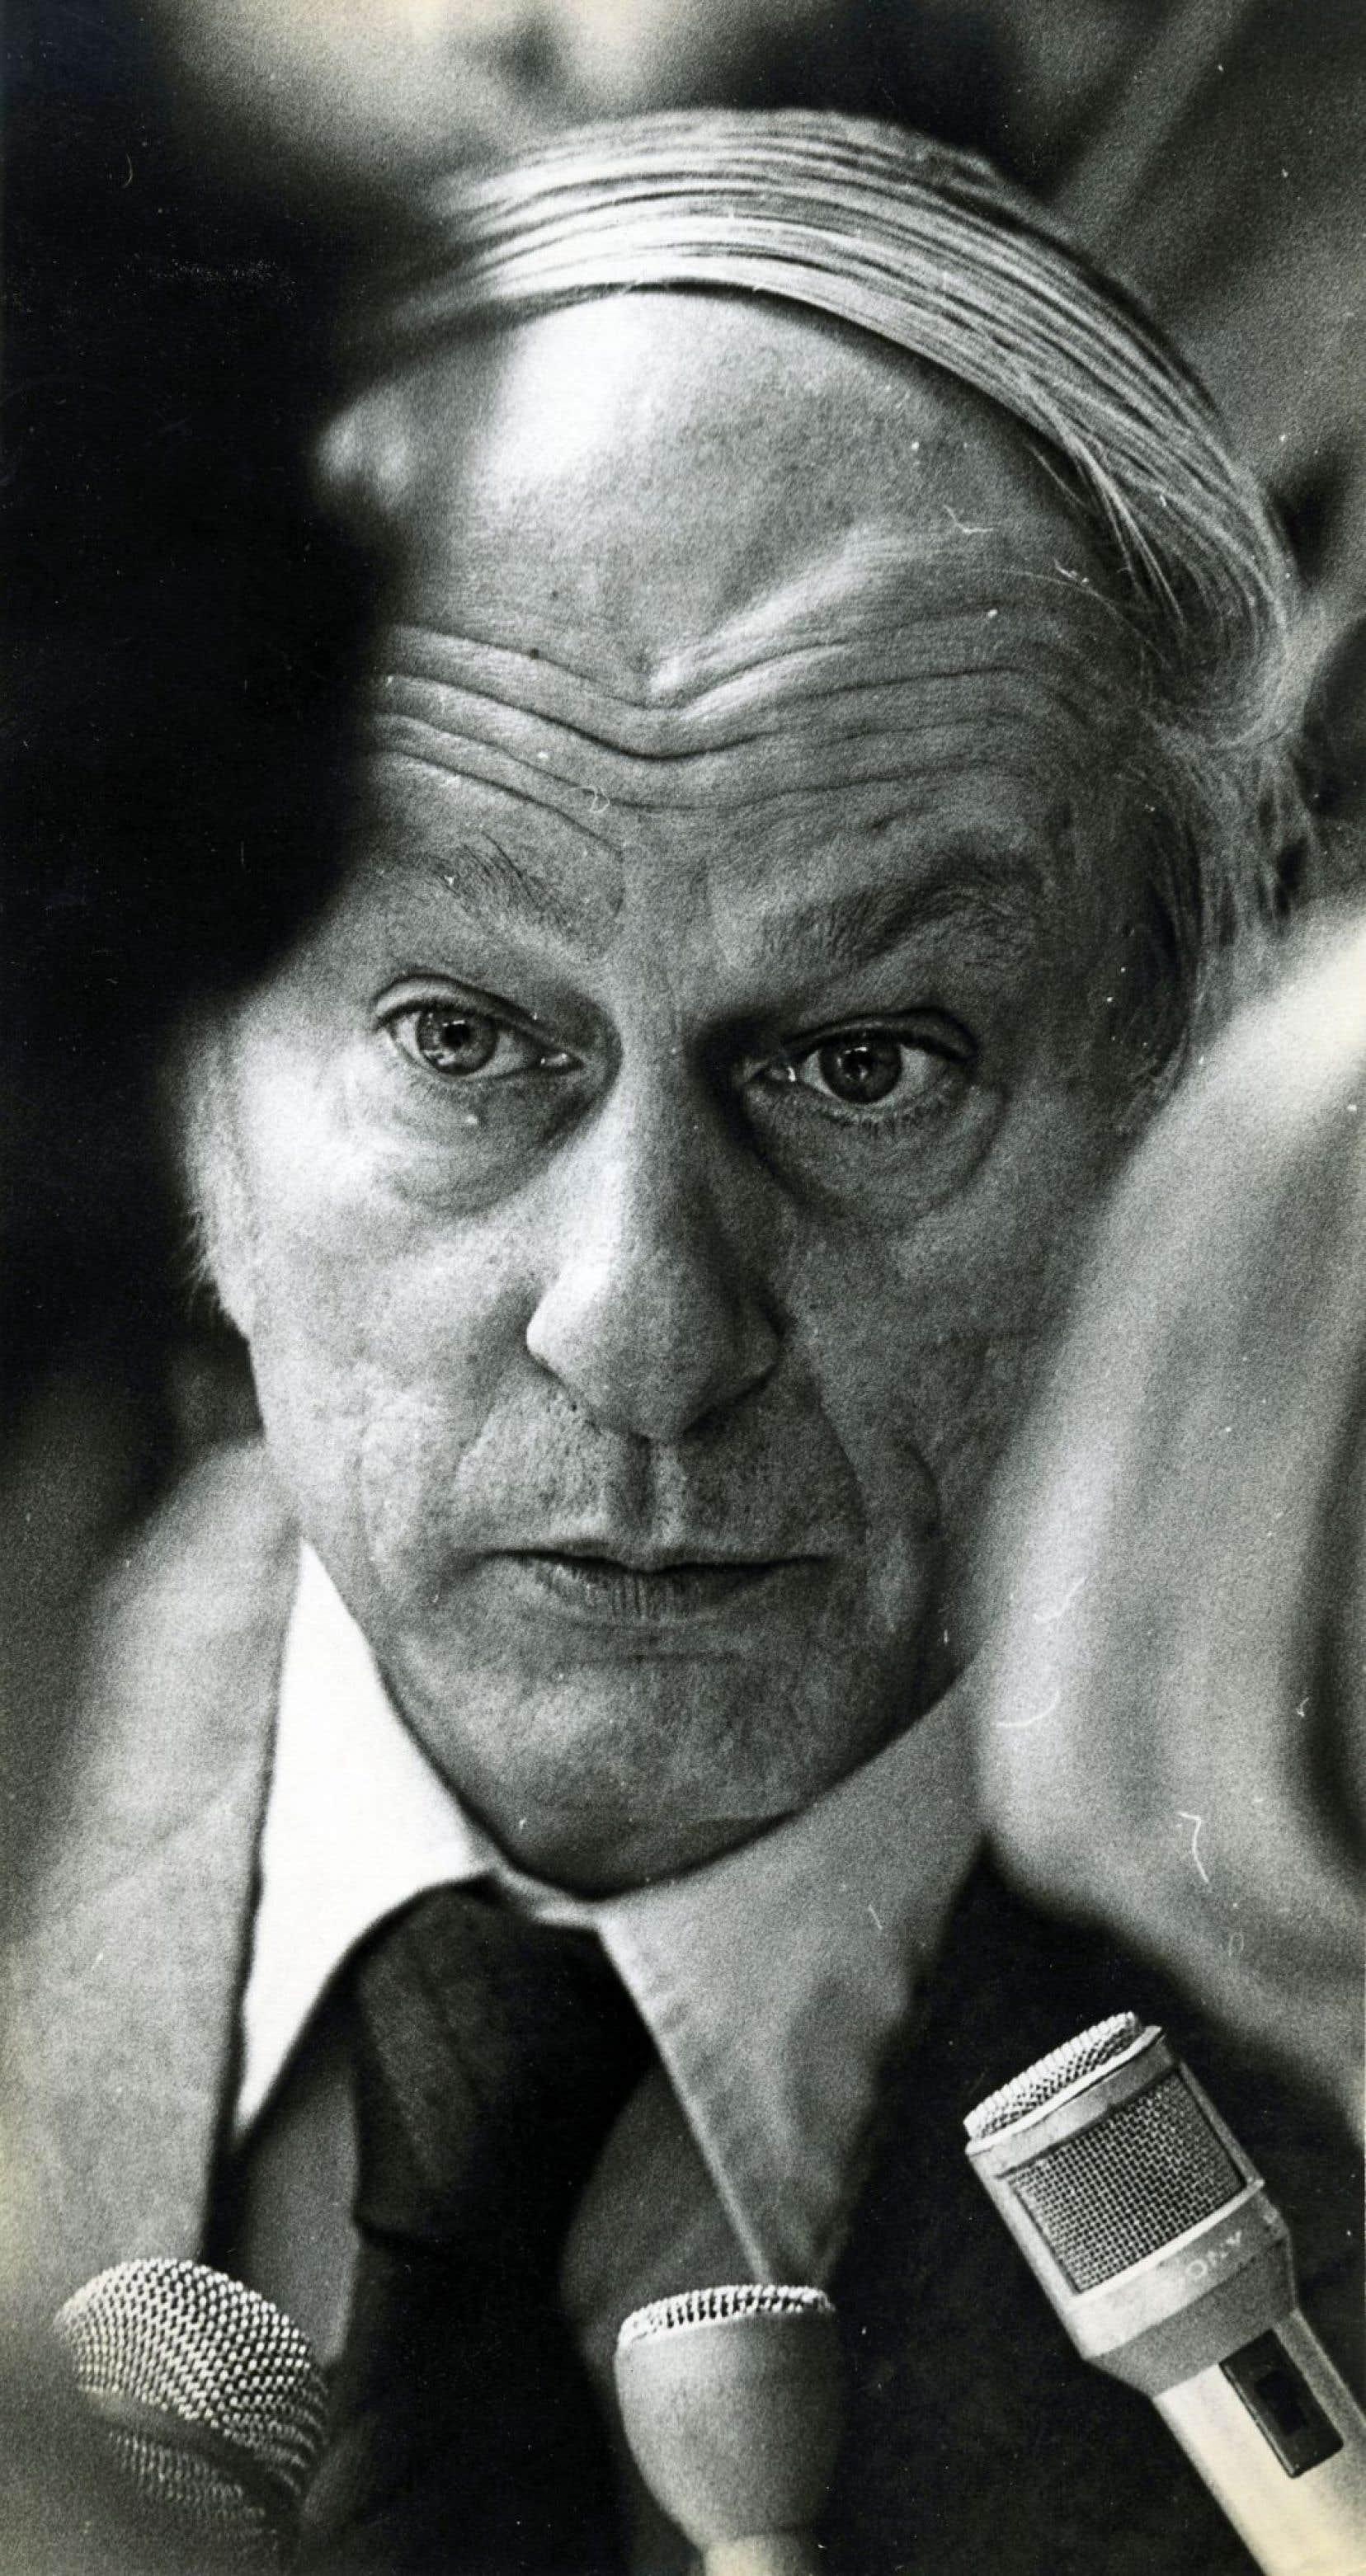 René Lévesque parlant aux journalistes le 20 octobre 1976, au cours de la campagne électorale qui l'a porté au pouvoir